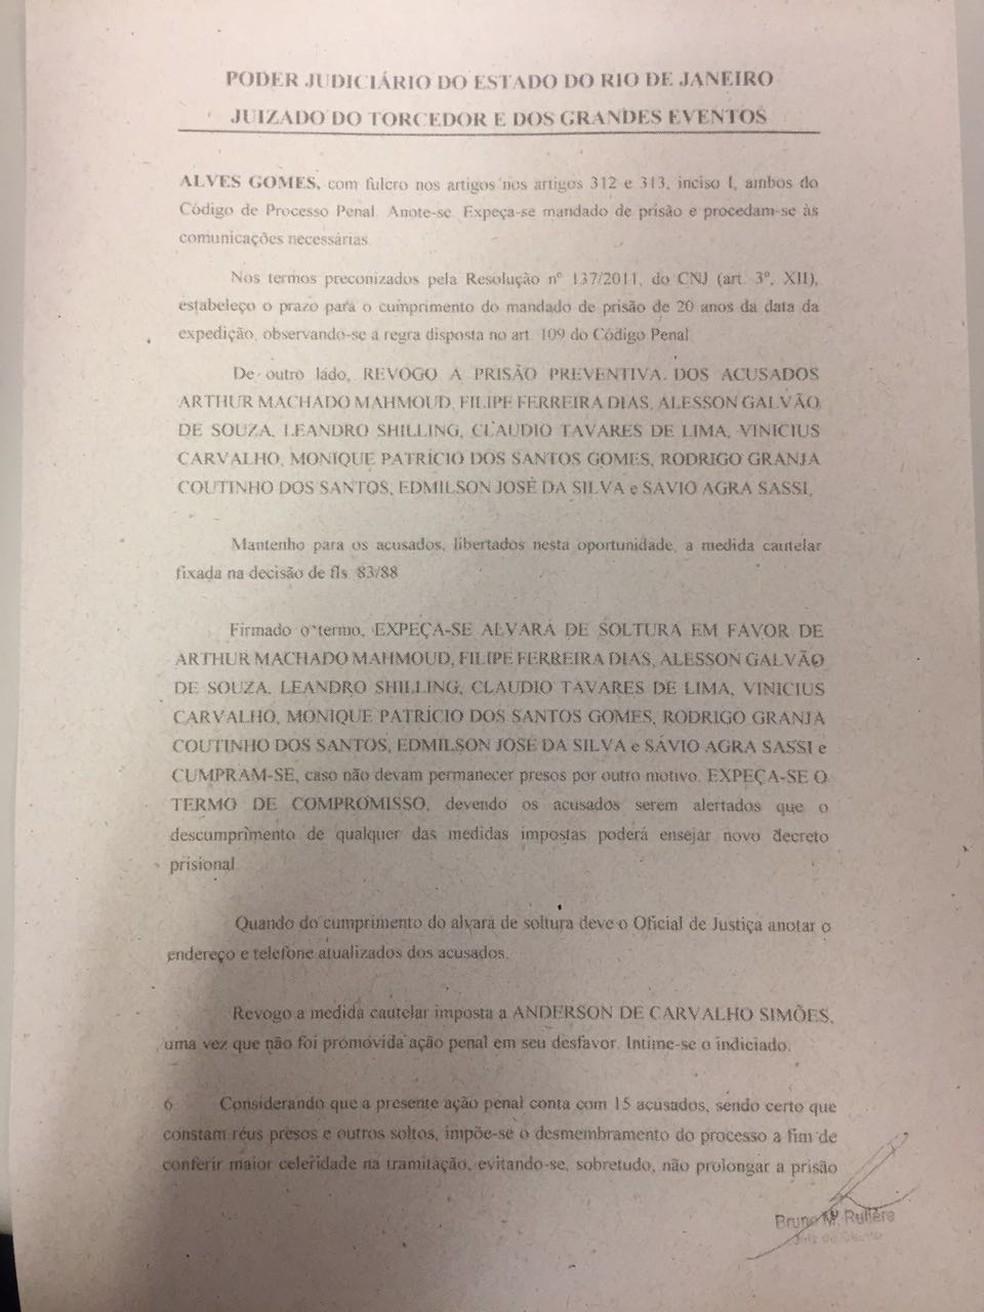 Parte da decisão que determinou a soltura de alguns dos investigados (Foto: Reprodução)